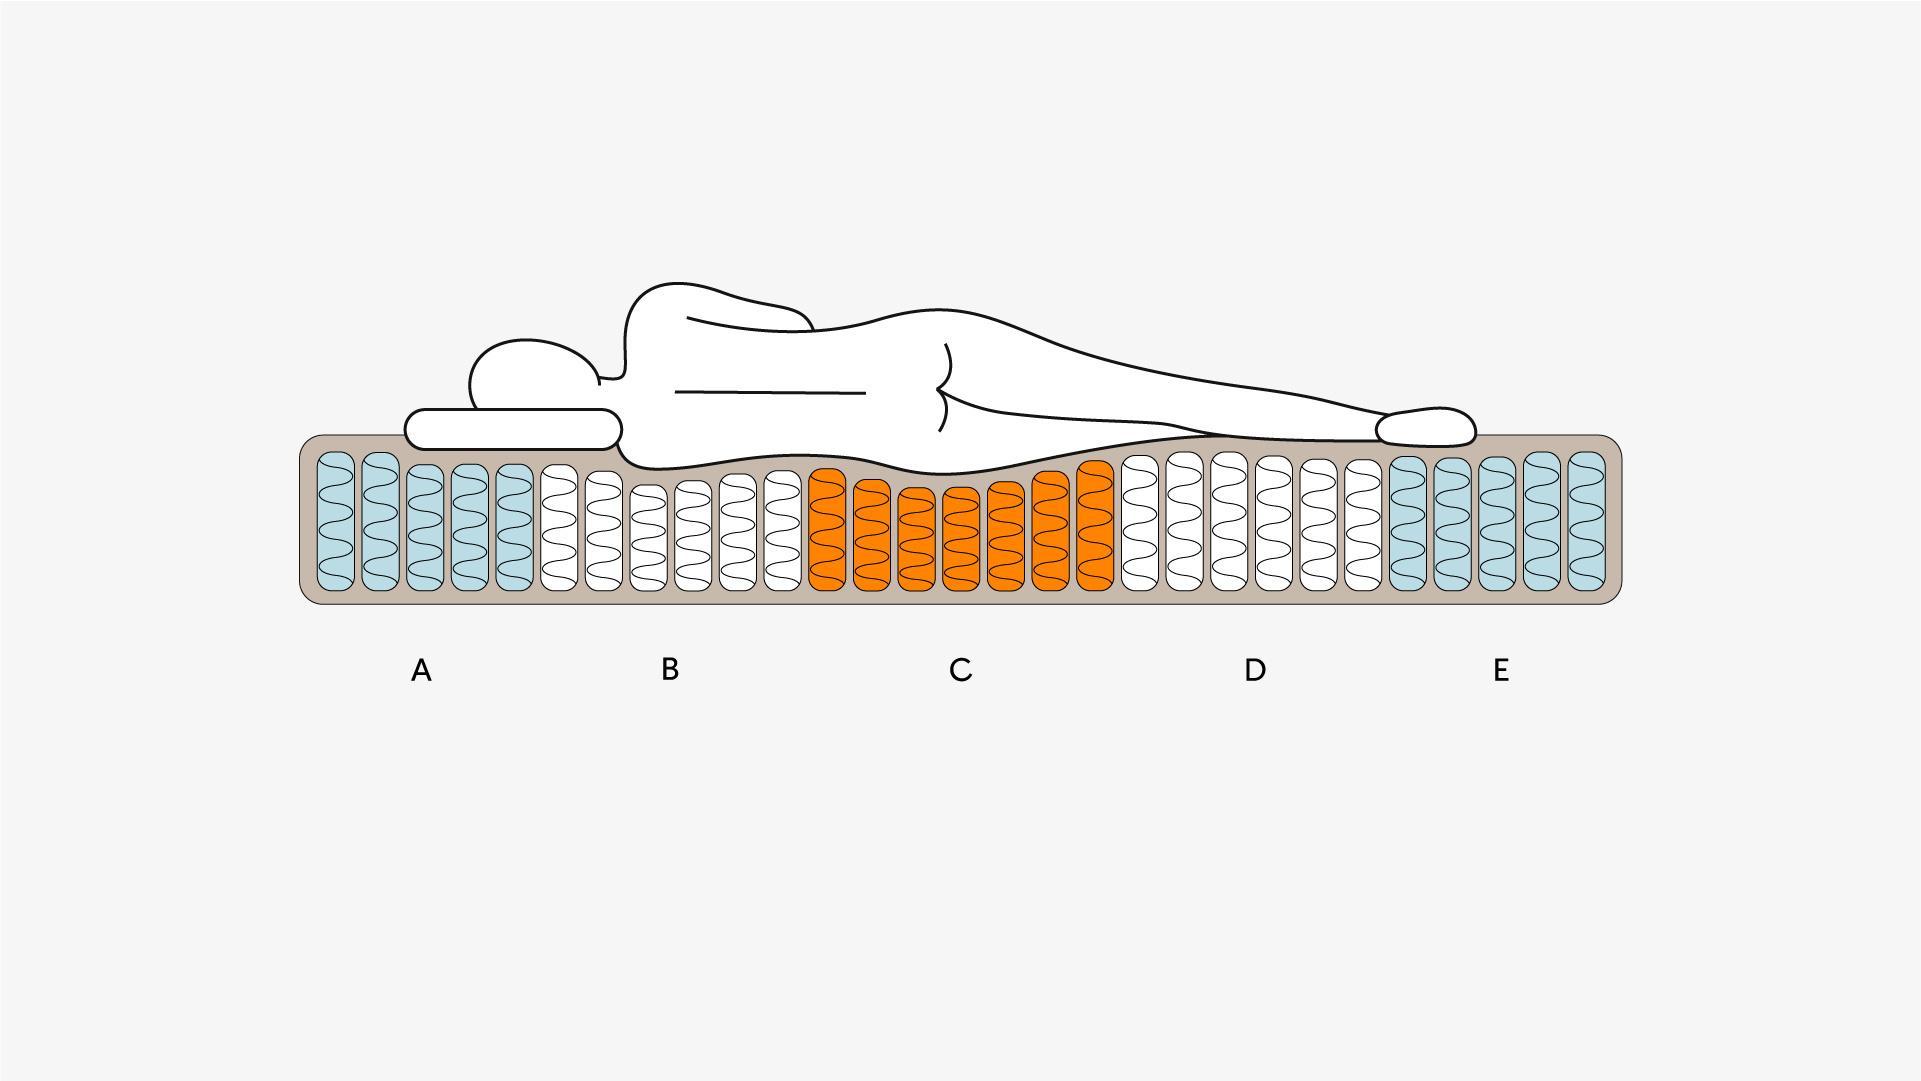 5区弹簧不同支撑<br/>维持头/肩/腰/臀/腿自然曲线